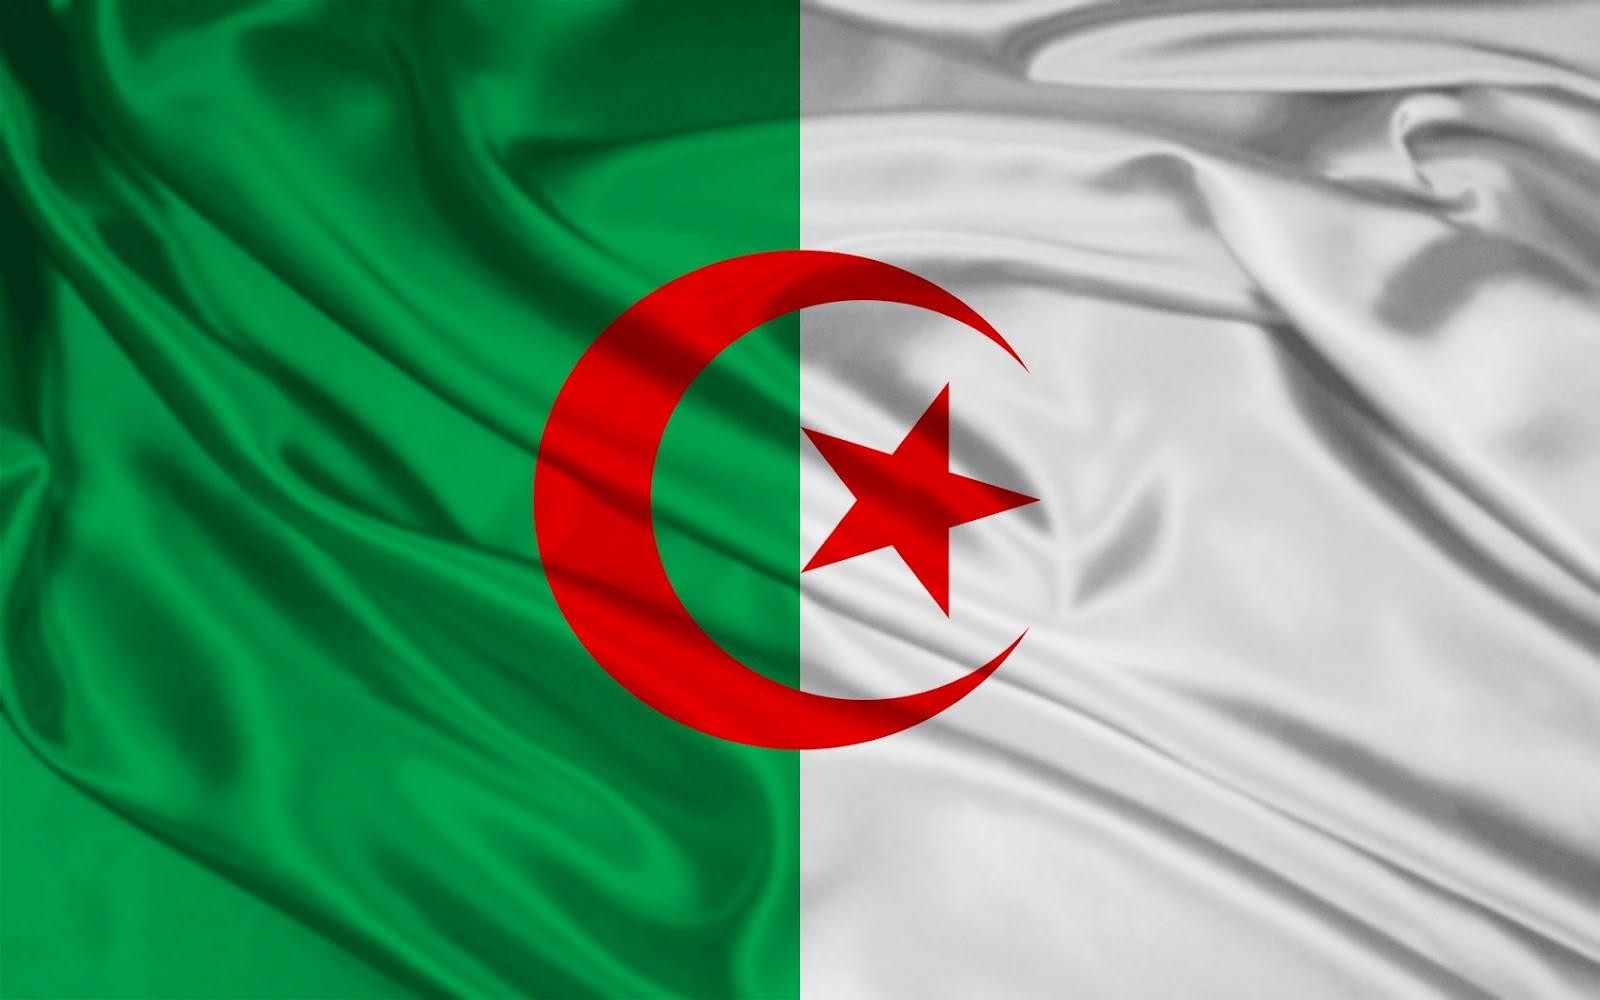 فرص الاستثمار, رجال اعمل, الجزائر, بريطانيا, الطاقة